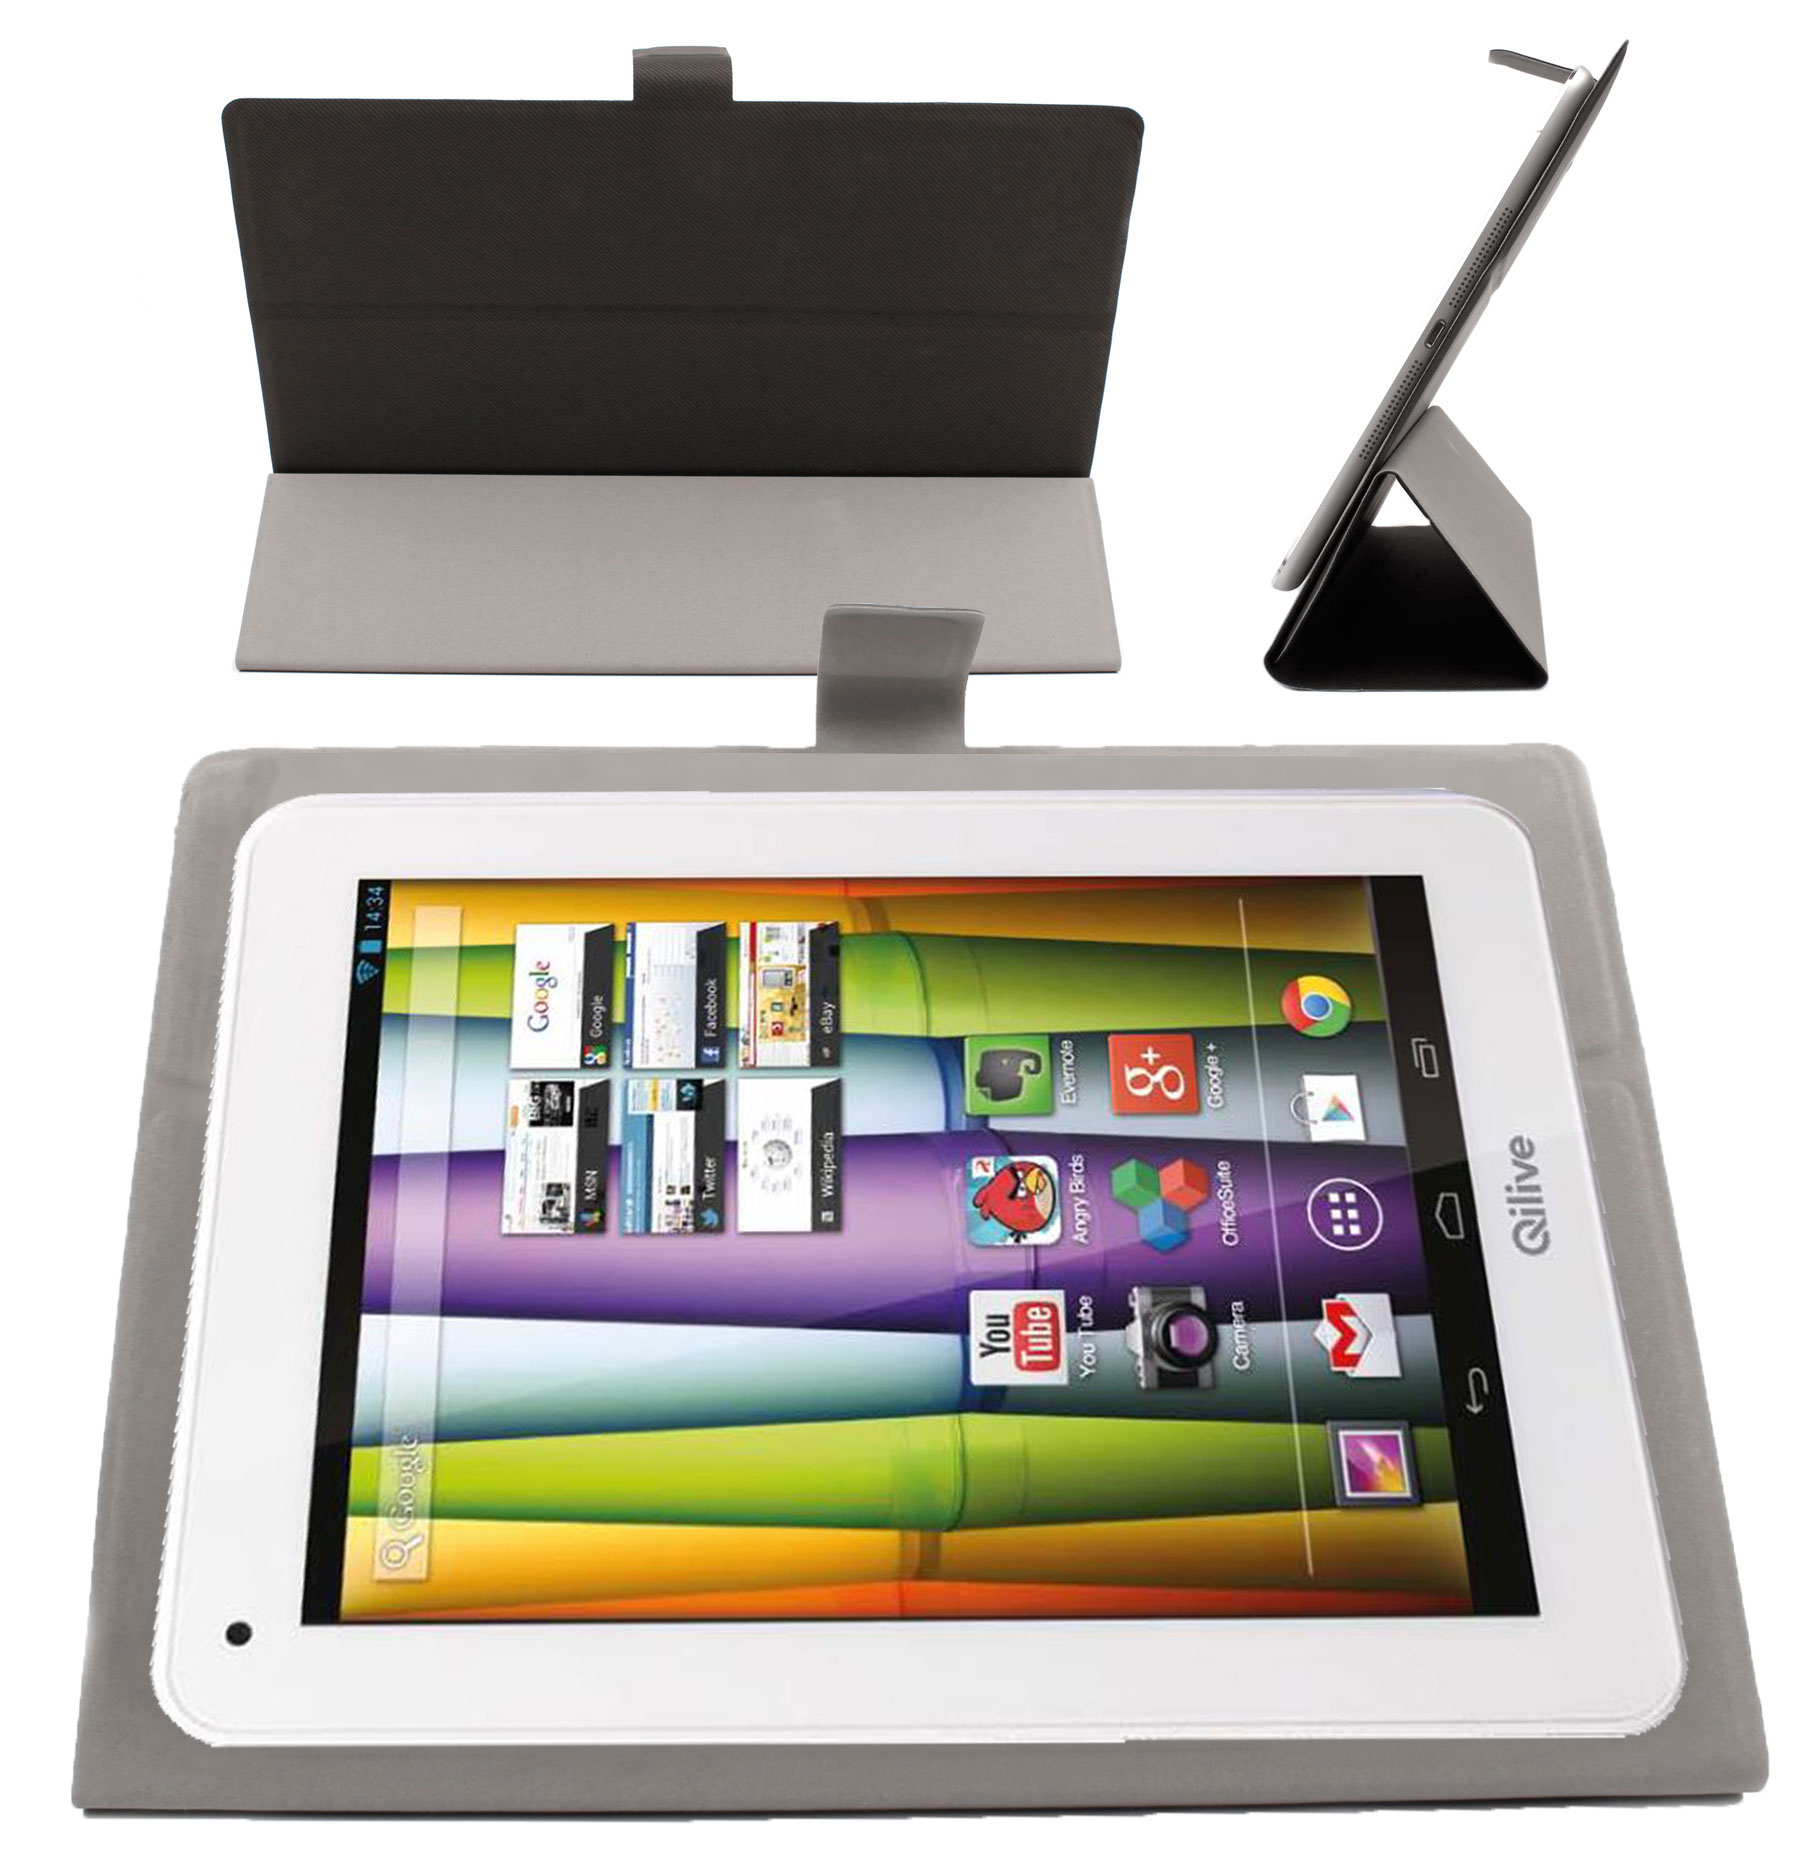 etui fin gris pour tablettes tactiles auchan qilive 9 7 b600121 9 7r b600122 ebay. Black Bedroom Furniture Sets. Home Design Ideas